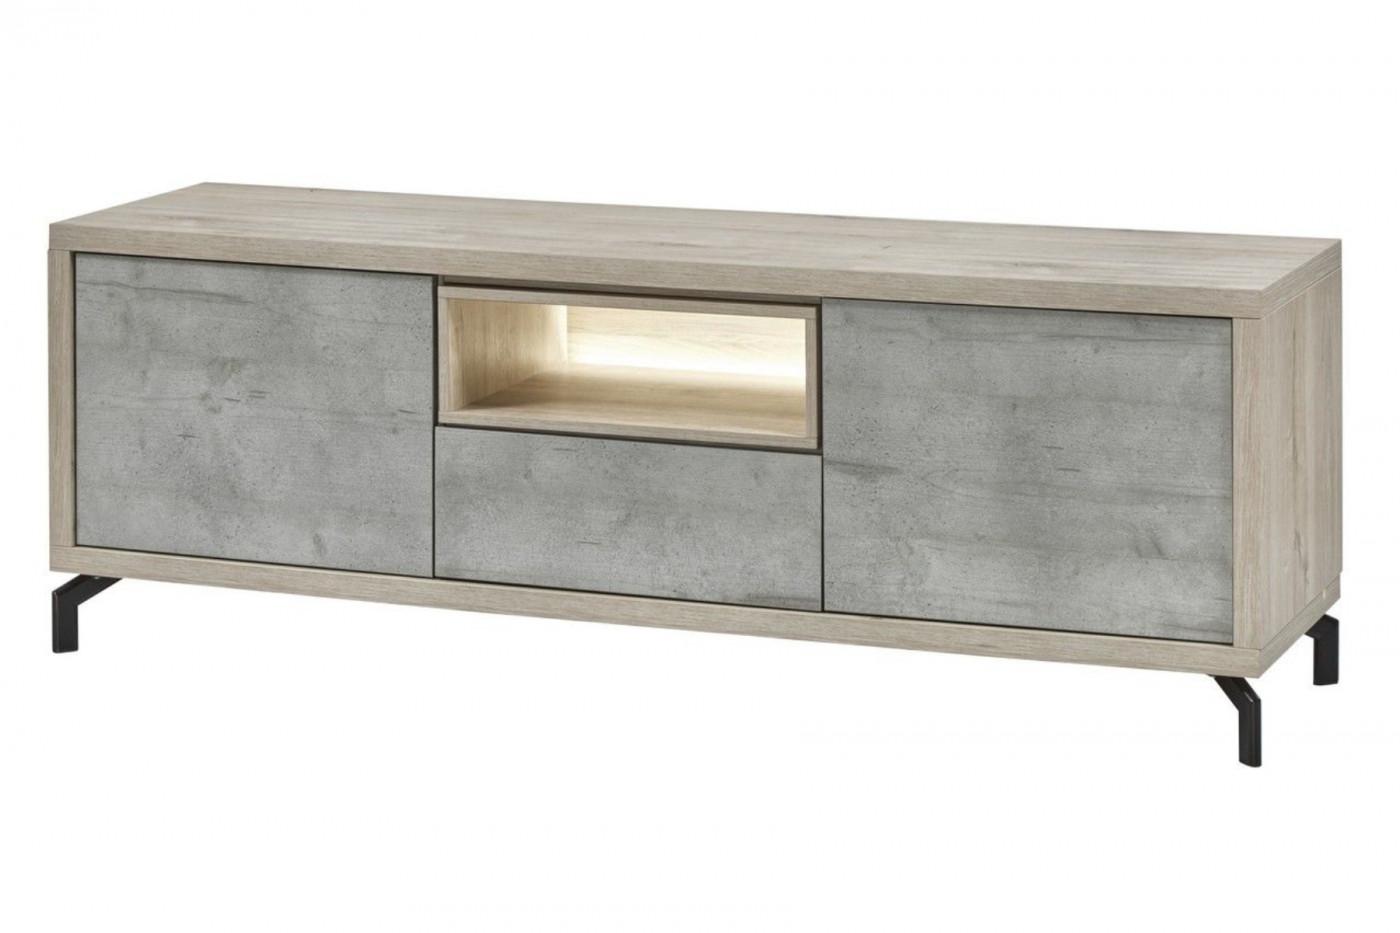 meubles belot a soignies meuble tv kwadro